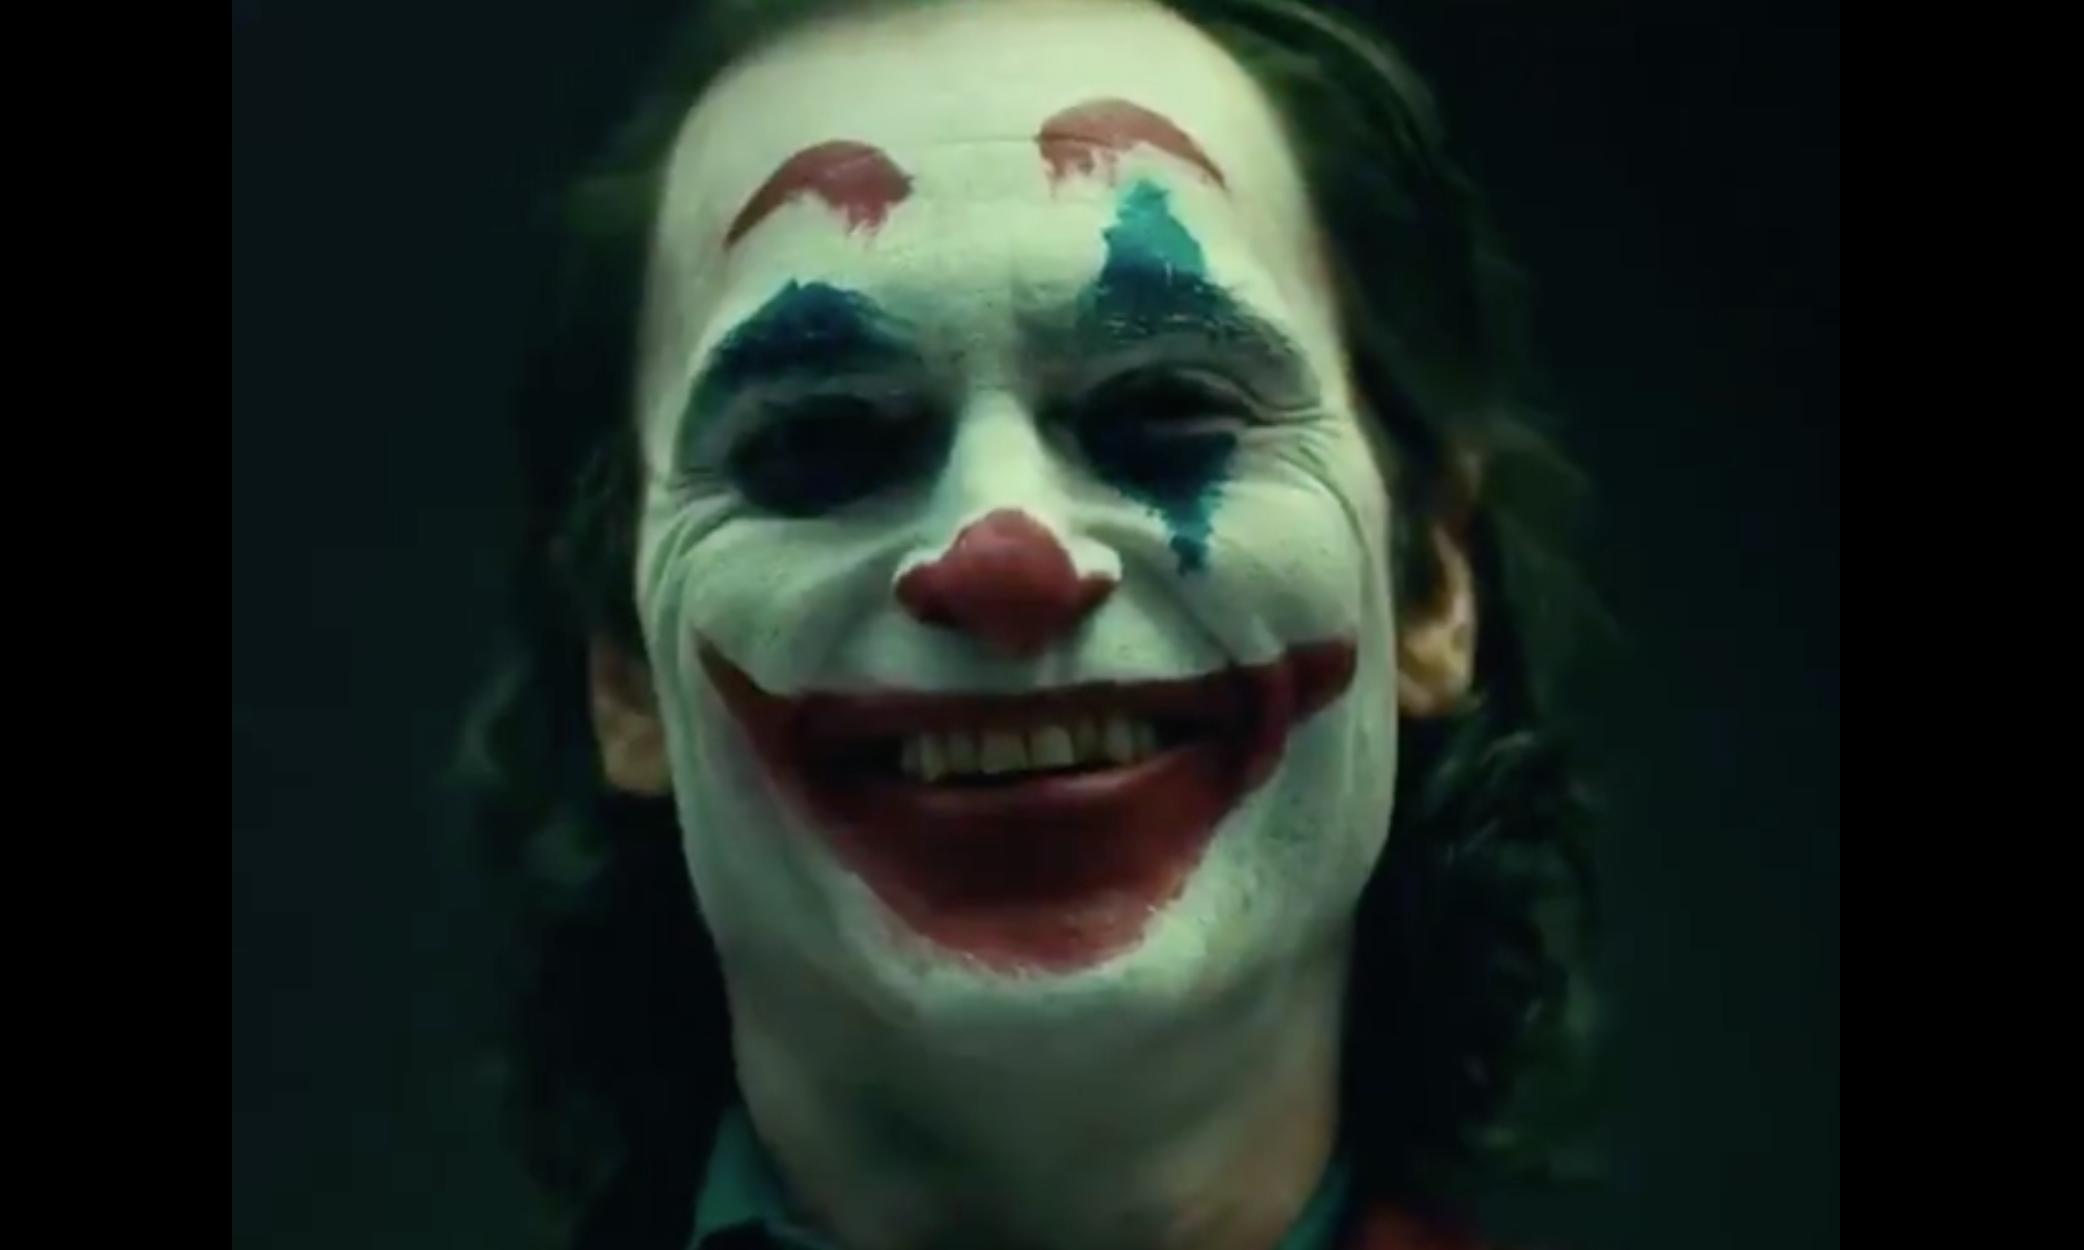 《小丑》个人电影首个特别预告片释出